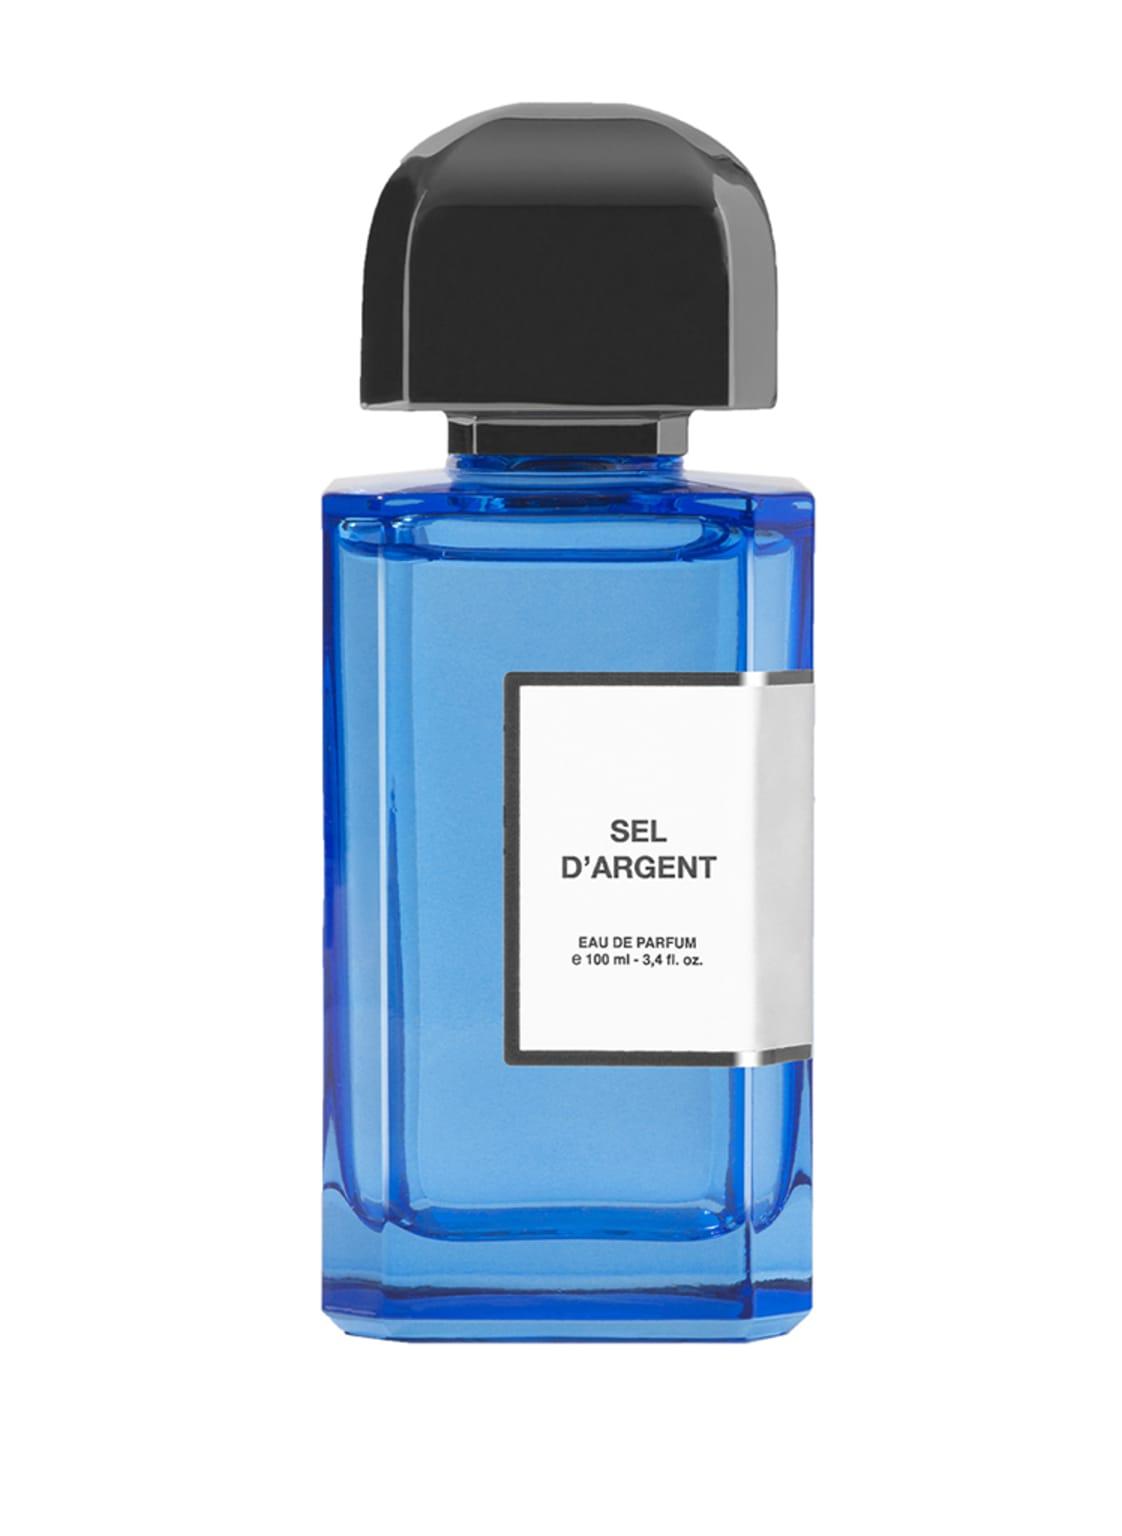 Image of Bdk Parfums Sel D'argent Eau de Parfum 100 ml